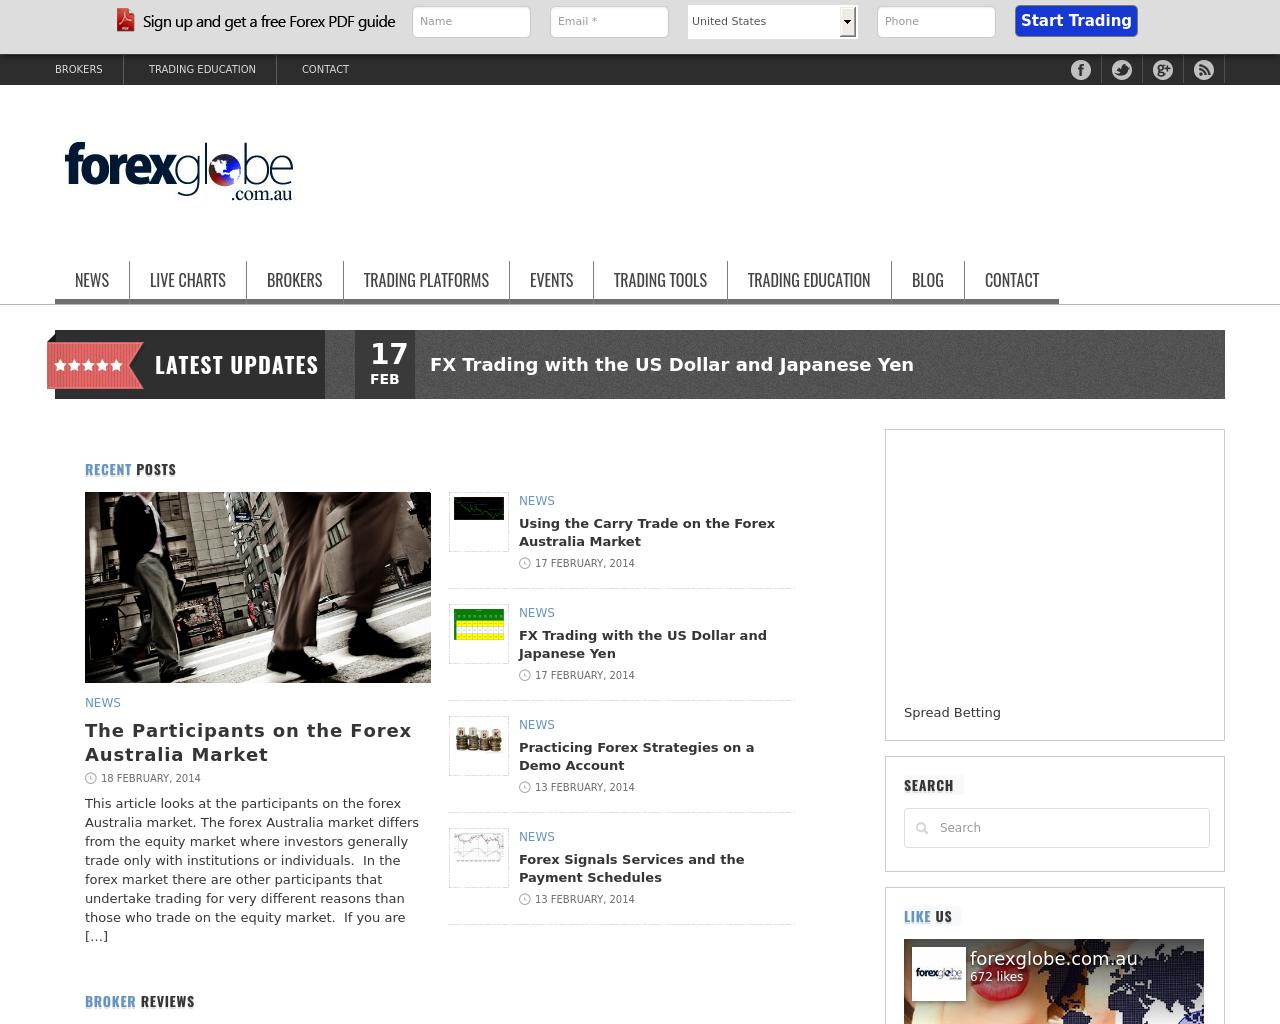 Forexglobe.com.au-Advertising-Reviews-Pricing